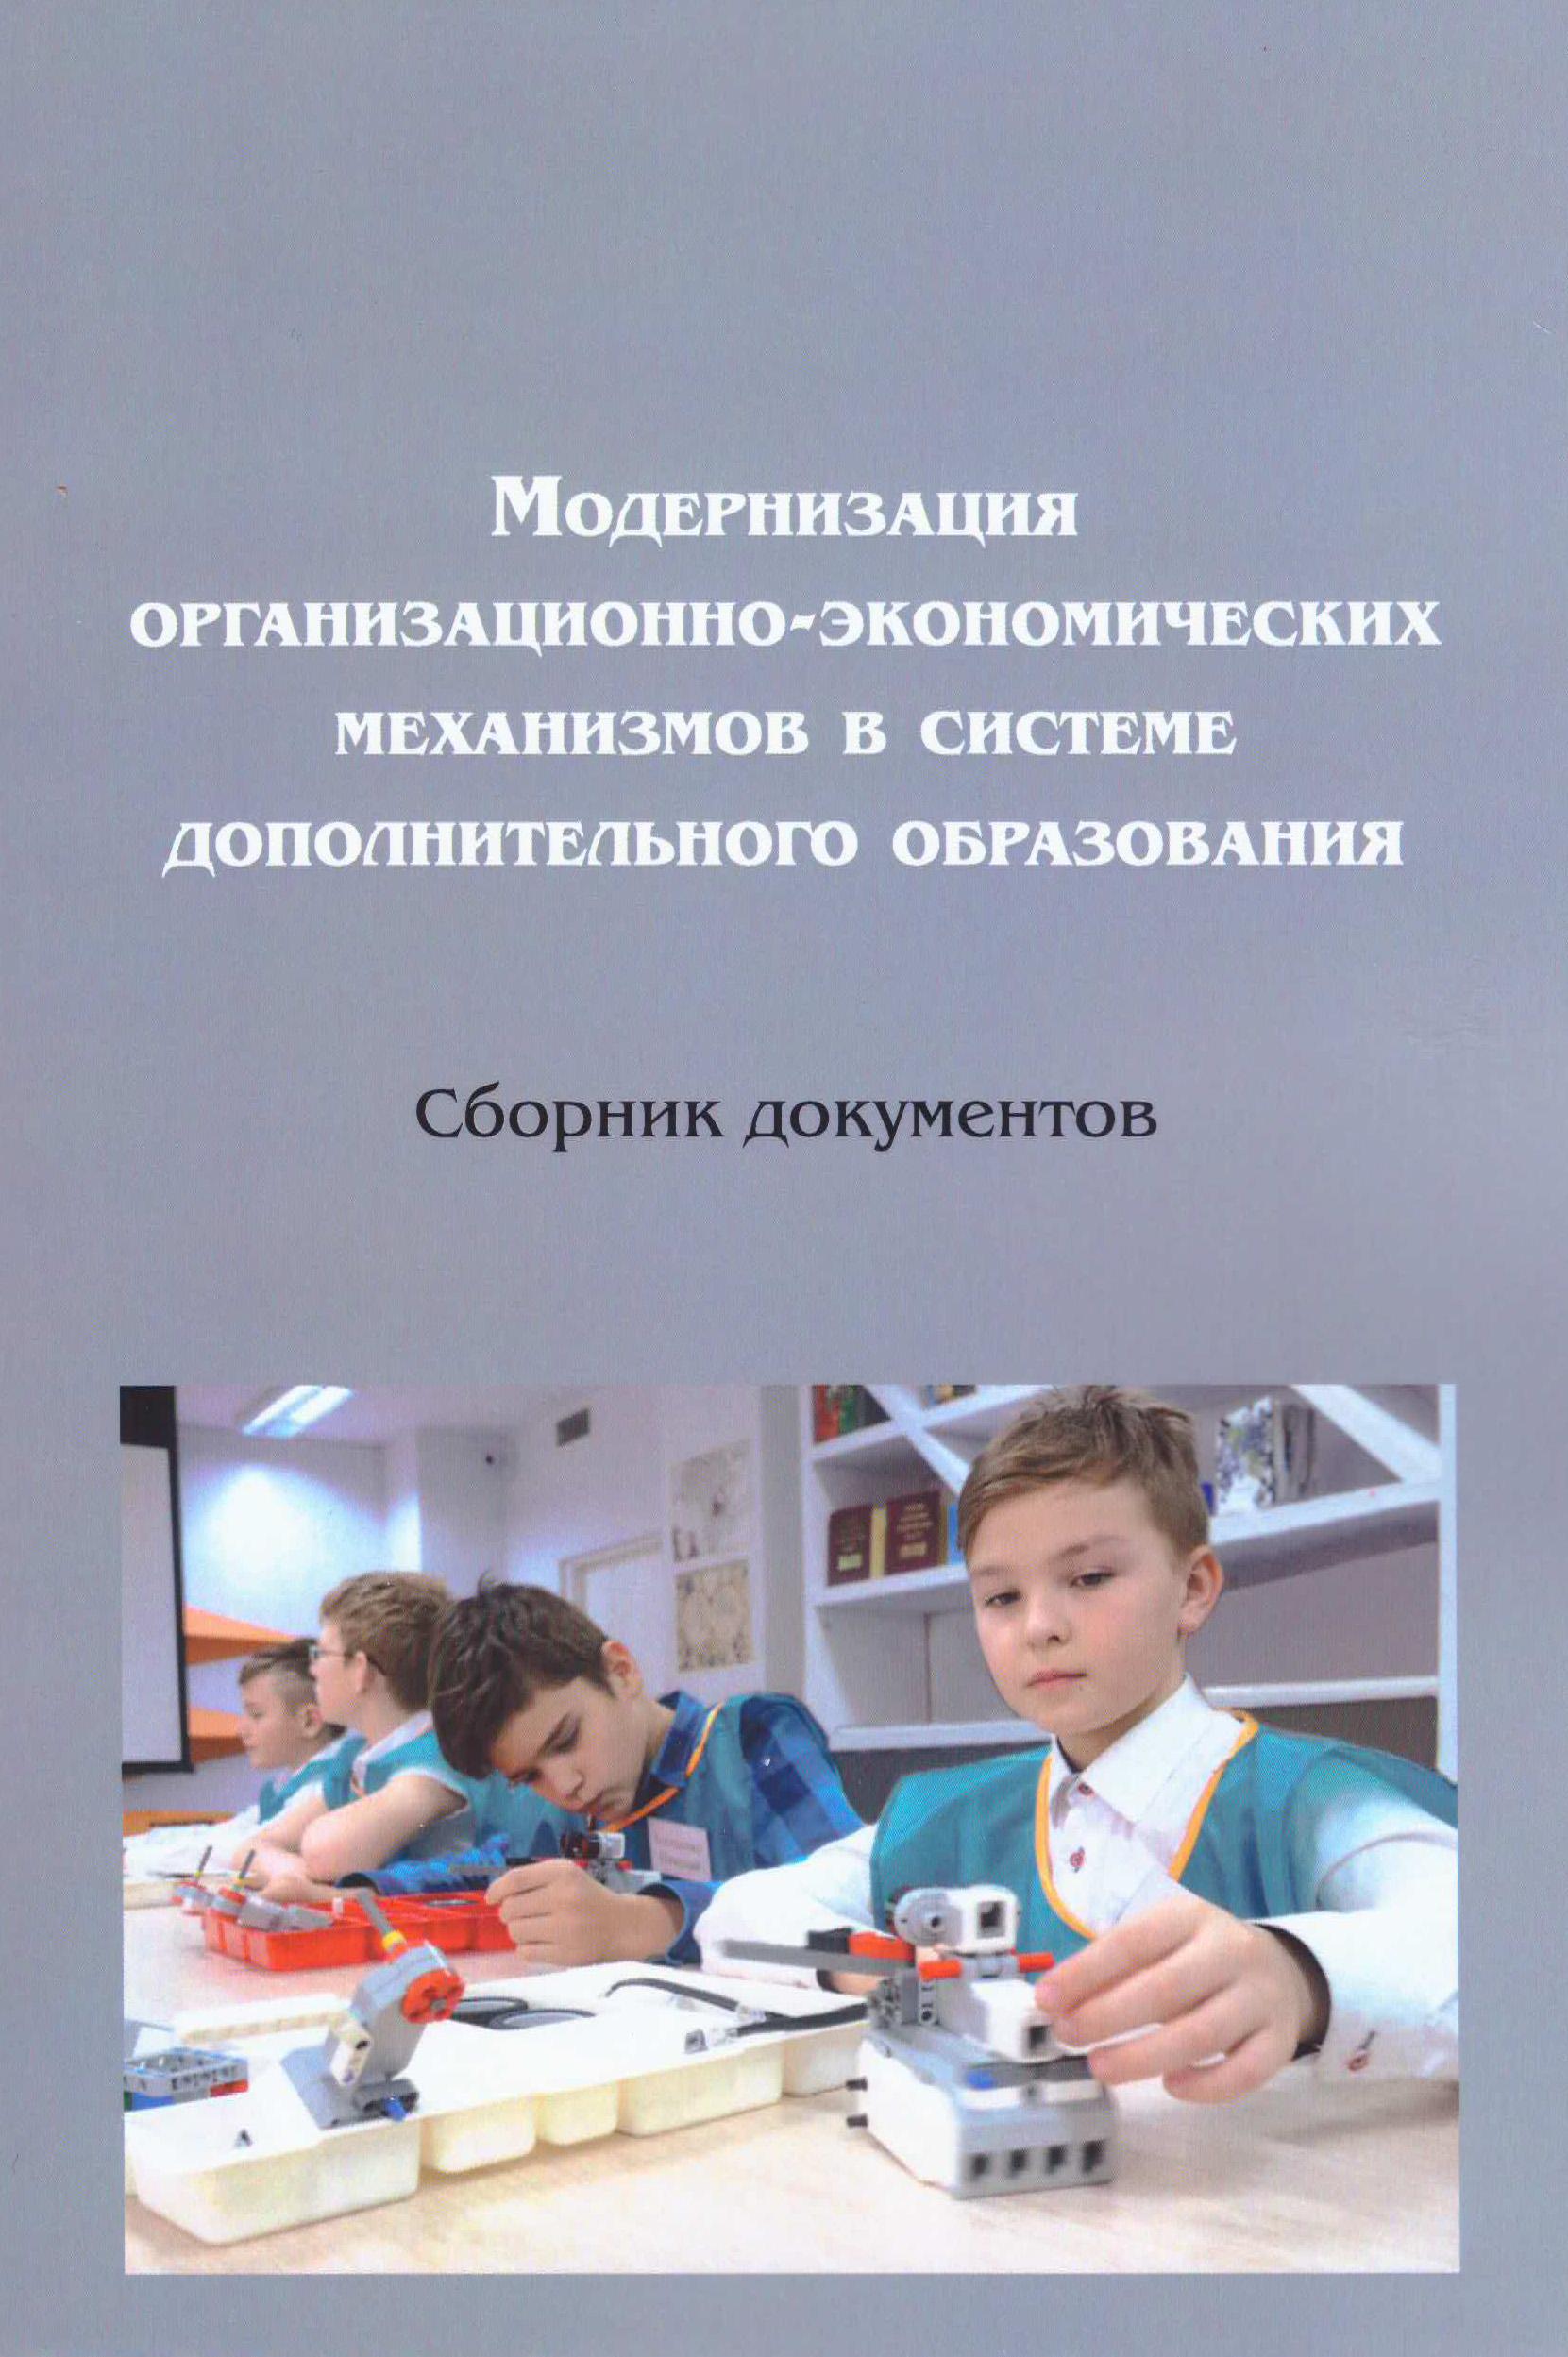 Модернизация организационно-экономических механизмов в системе дополнительного образования